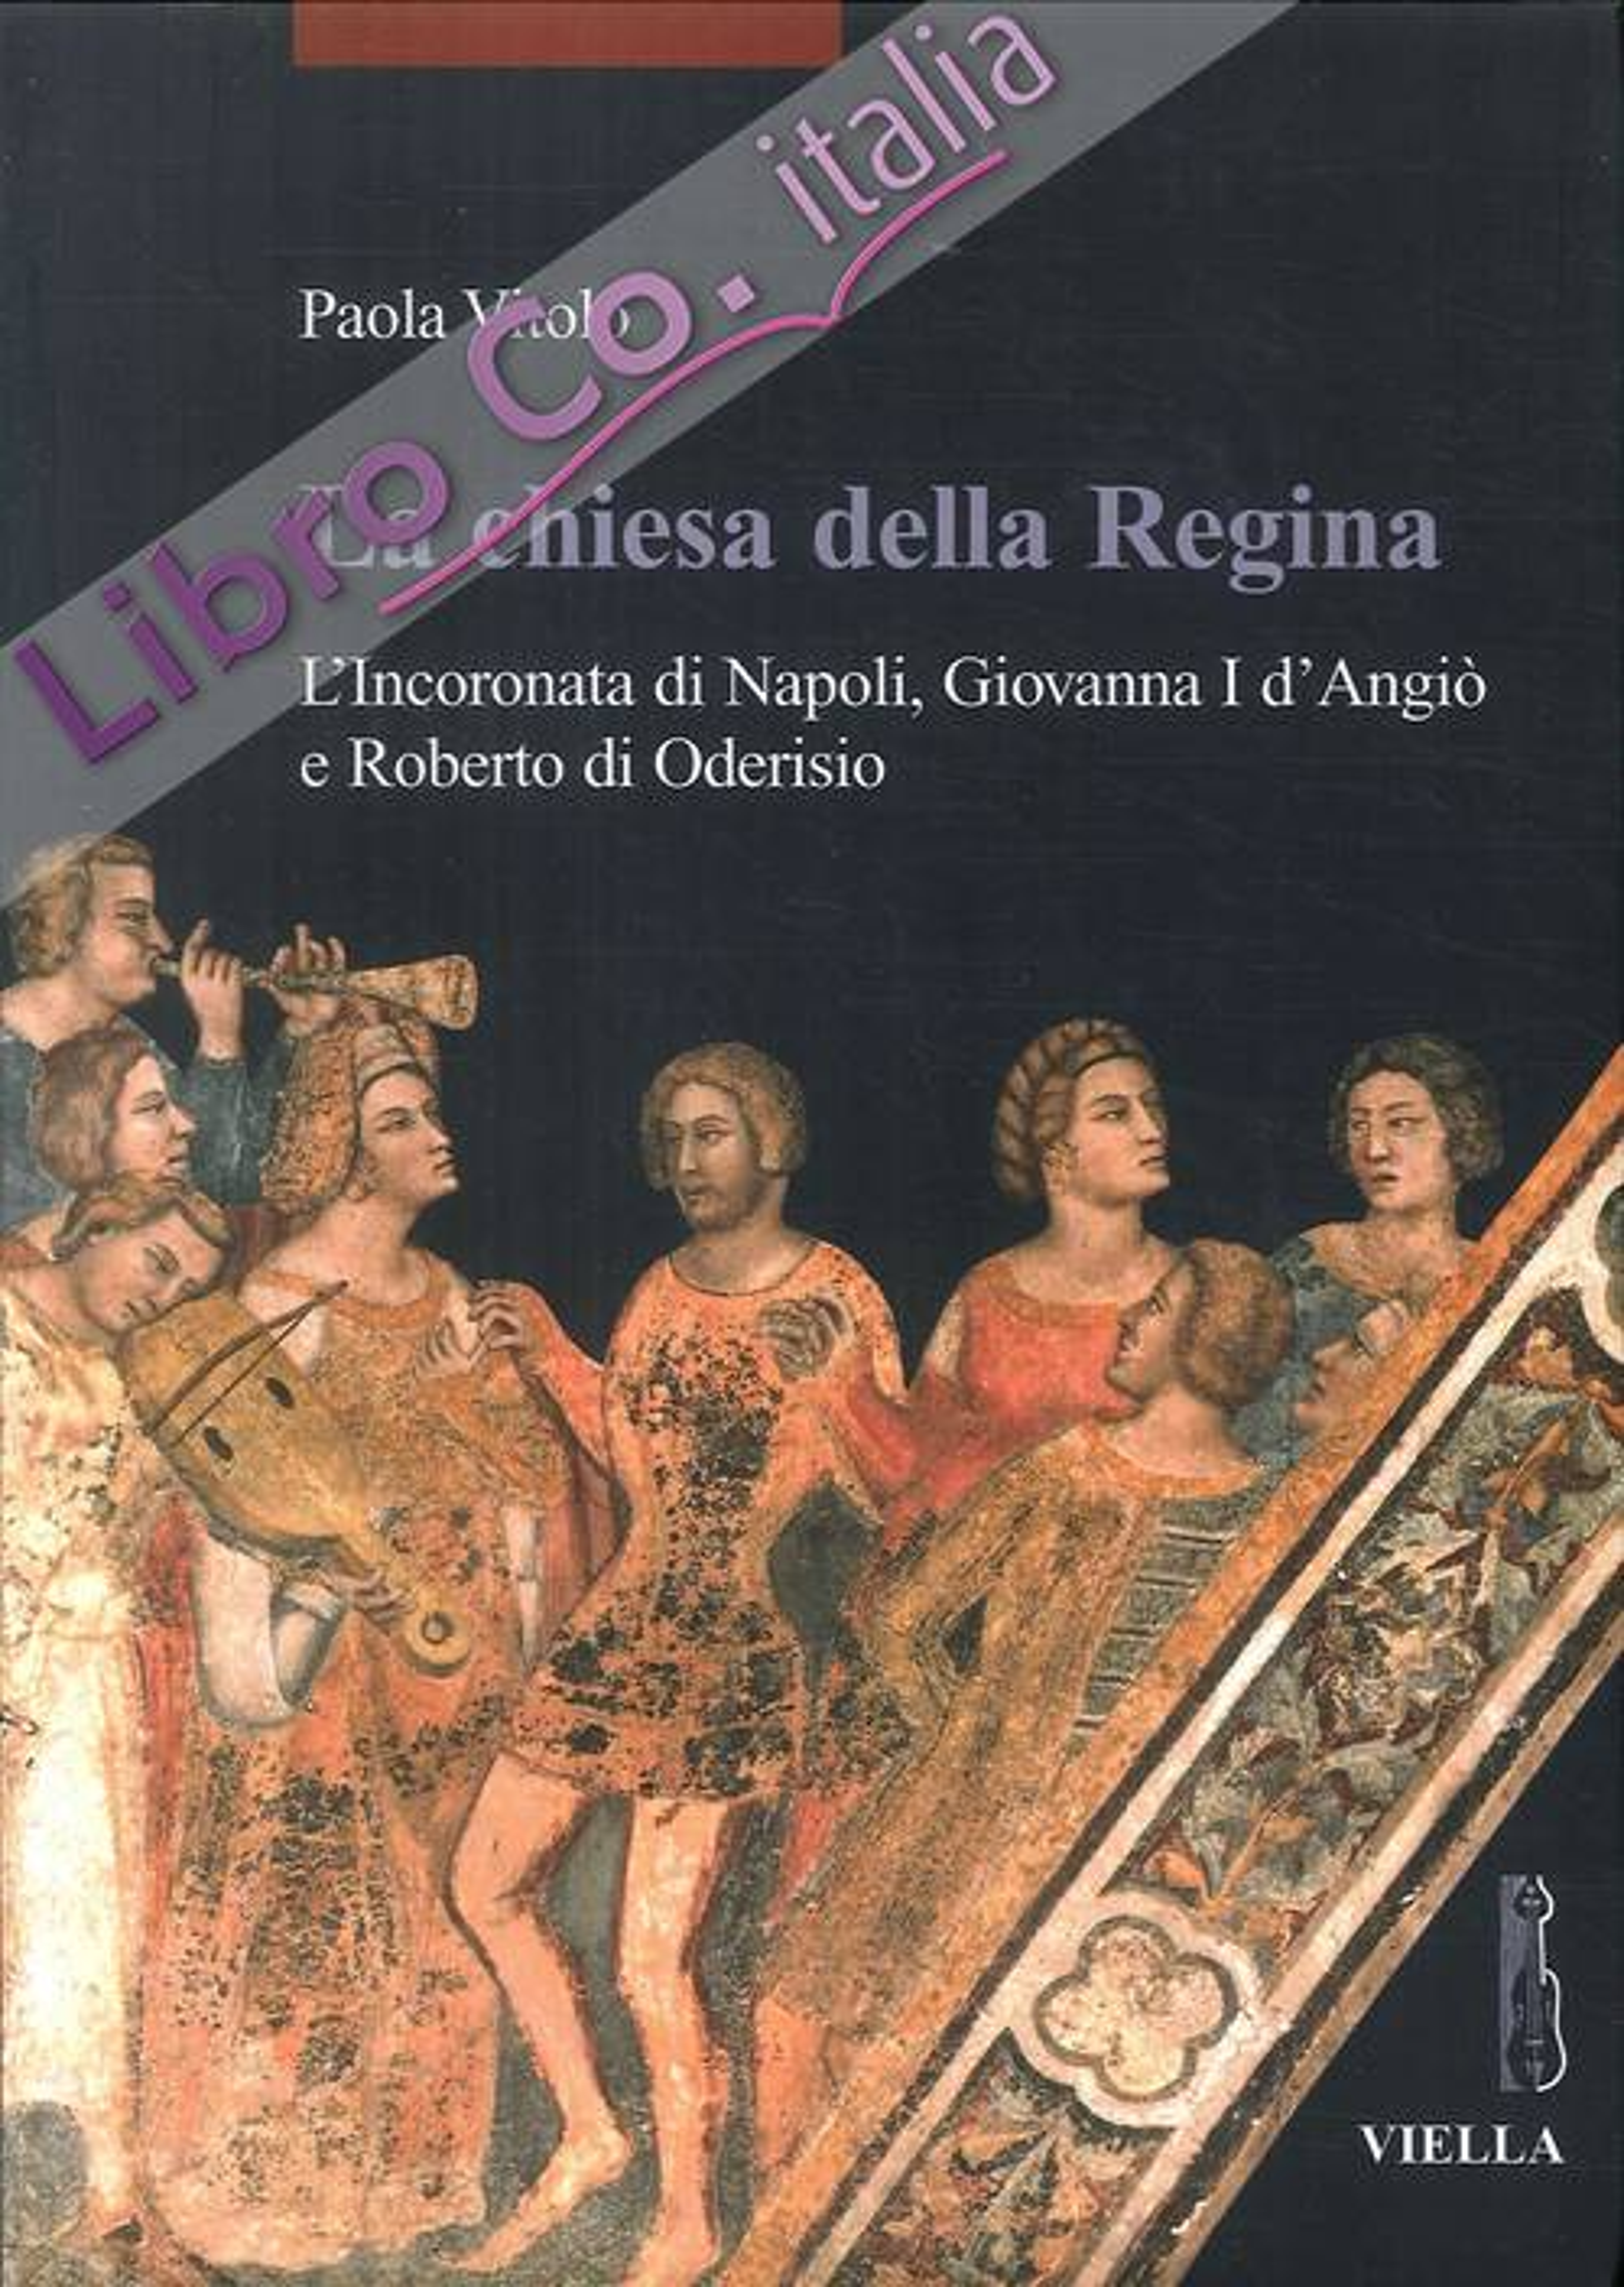 La chiesa della regina. L'incoronata di Napoli, Giovanna I d'Arco e Roberto di Oderisio.